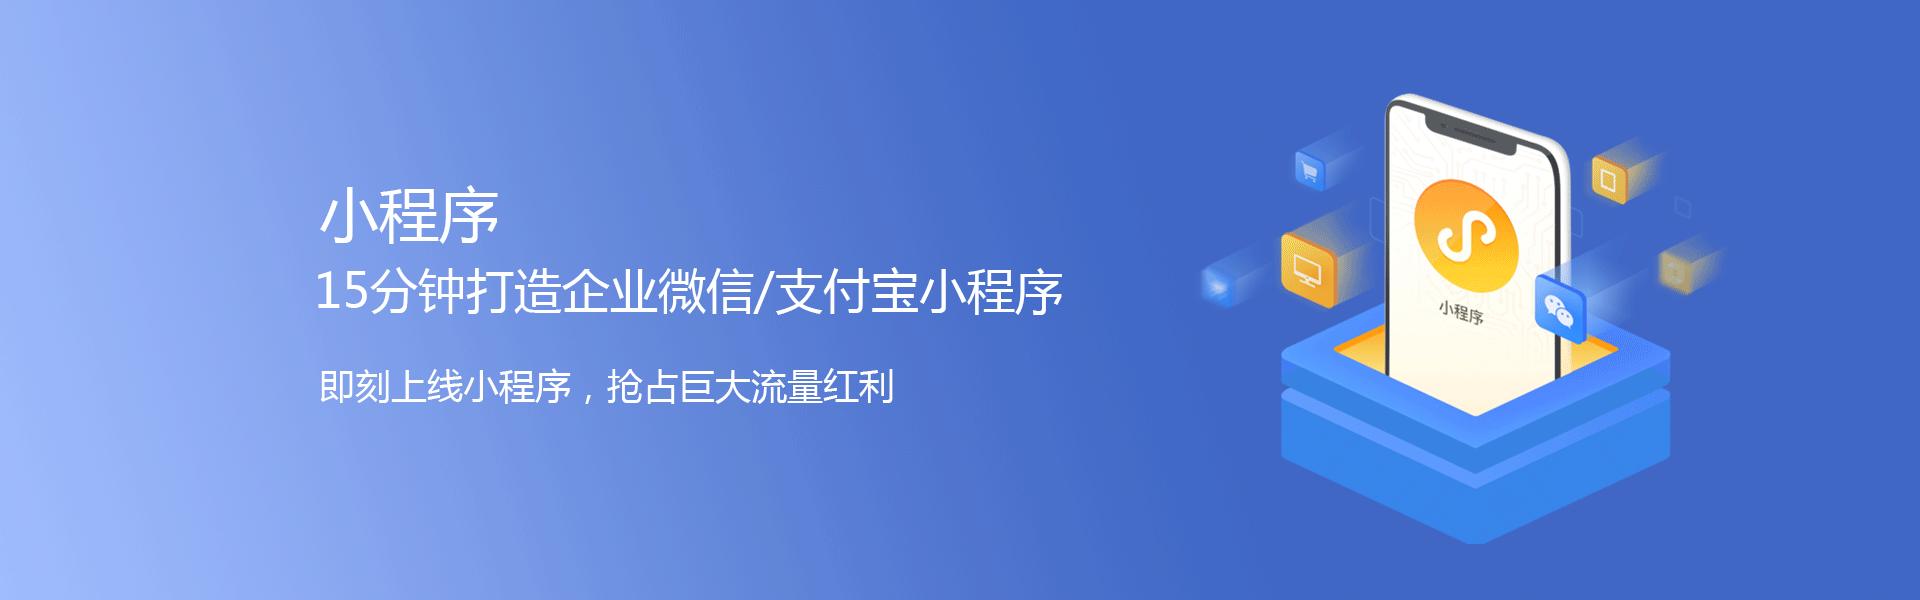 圆心科技-微信开发